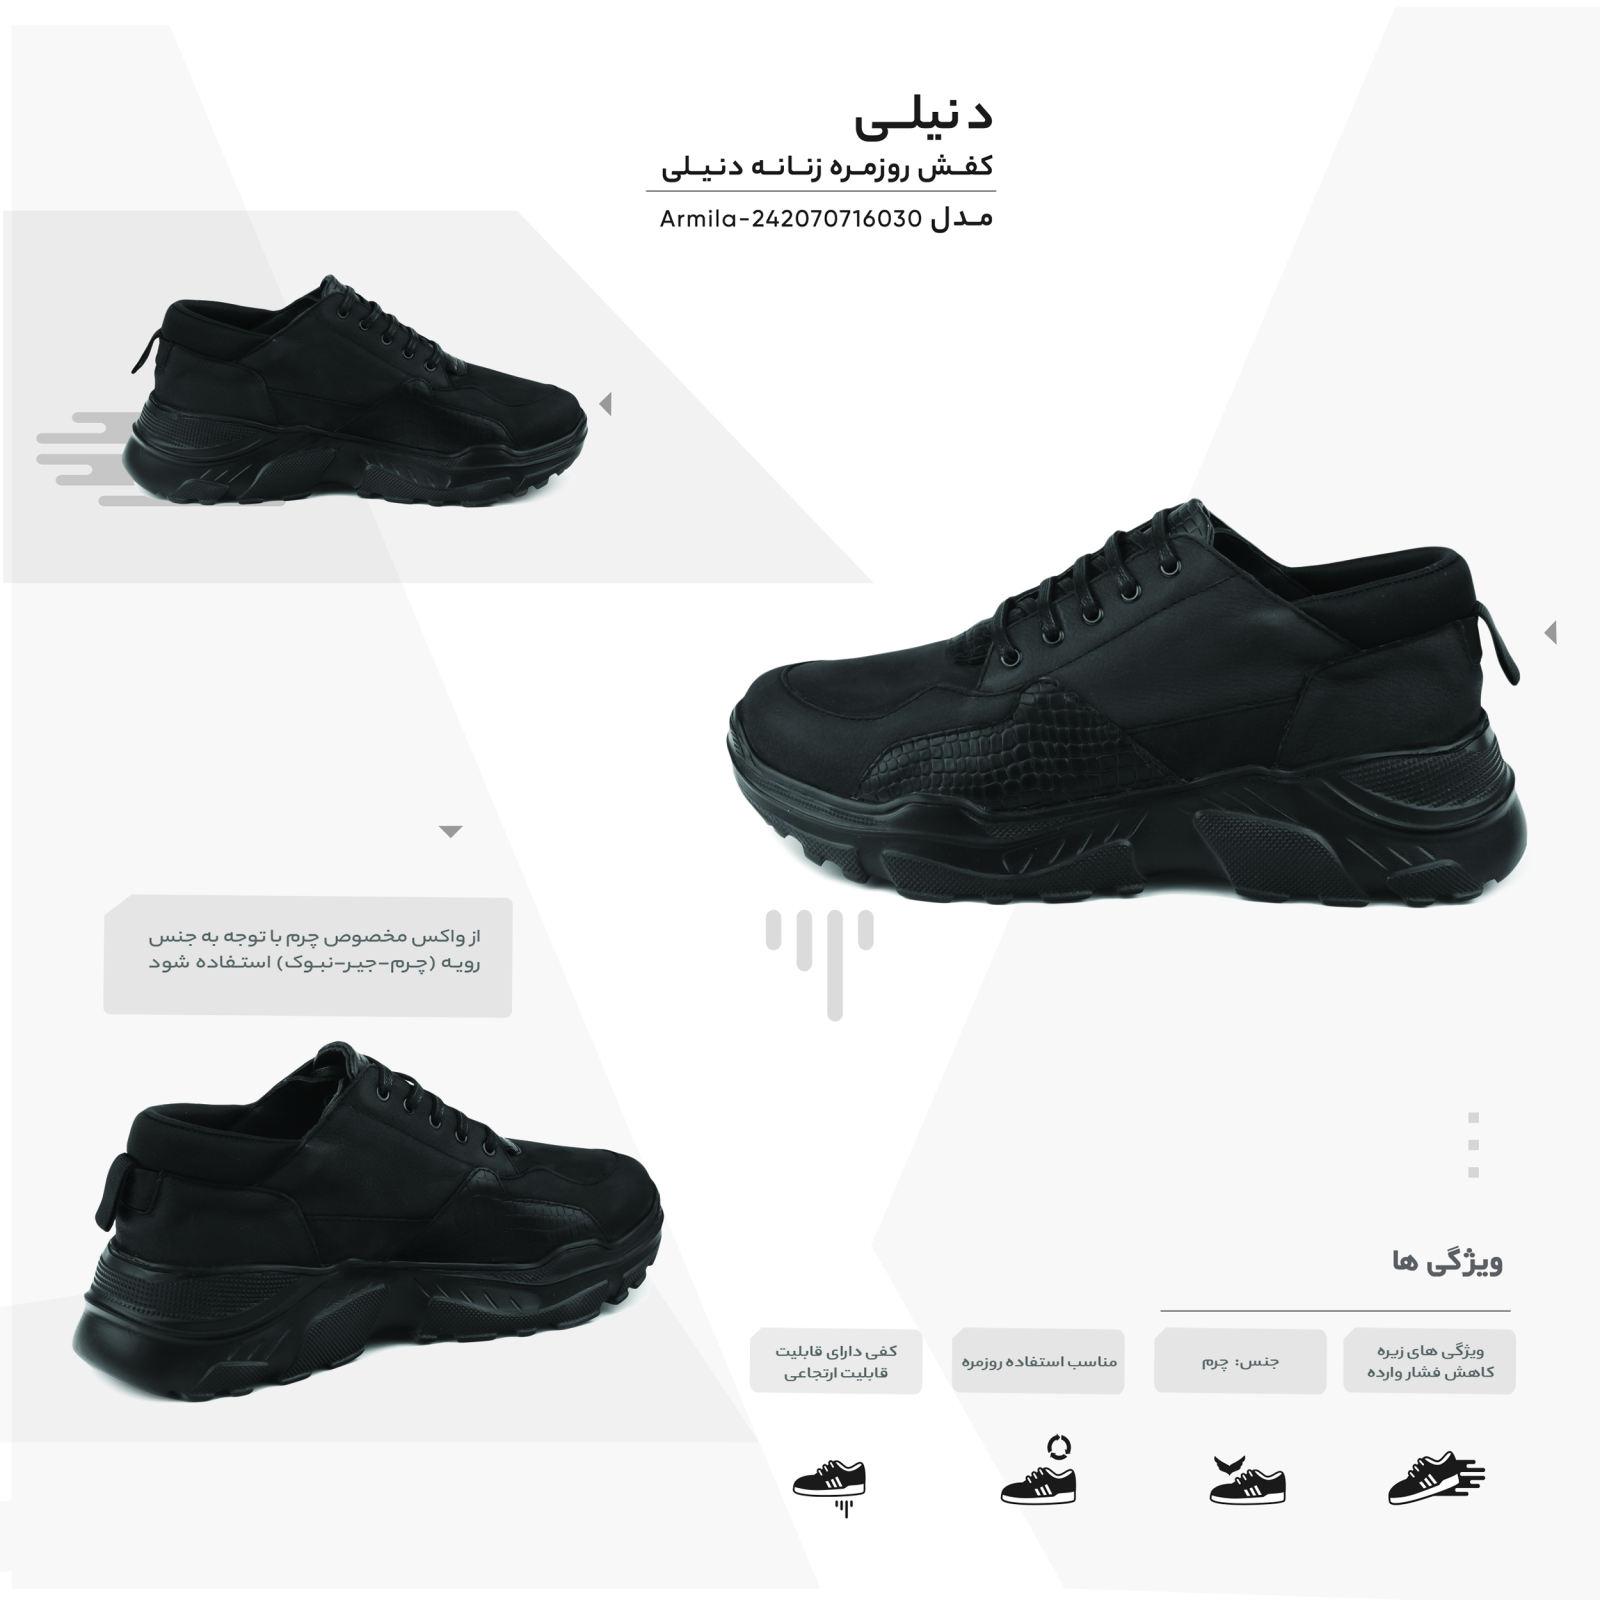 کفش روزمره زنانه دنیلی مدل Armila-242070716030 -  - 10